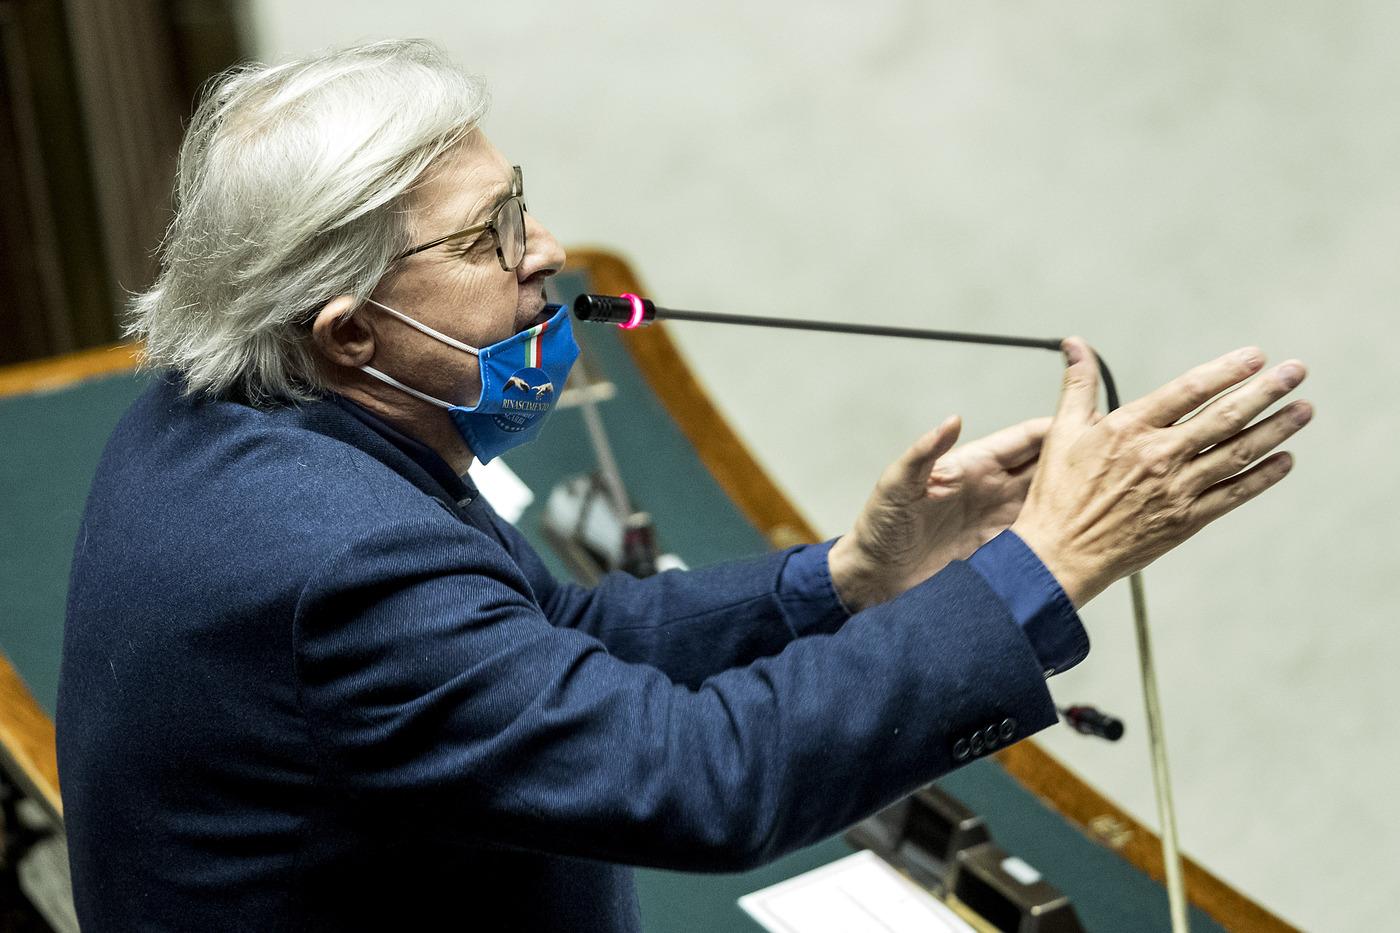 Vittorio Sgarbi. Camera - Informativa di Giuseppe Conte sulle iniziative contro l'emergenza Covid-19